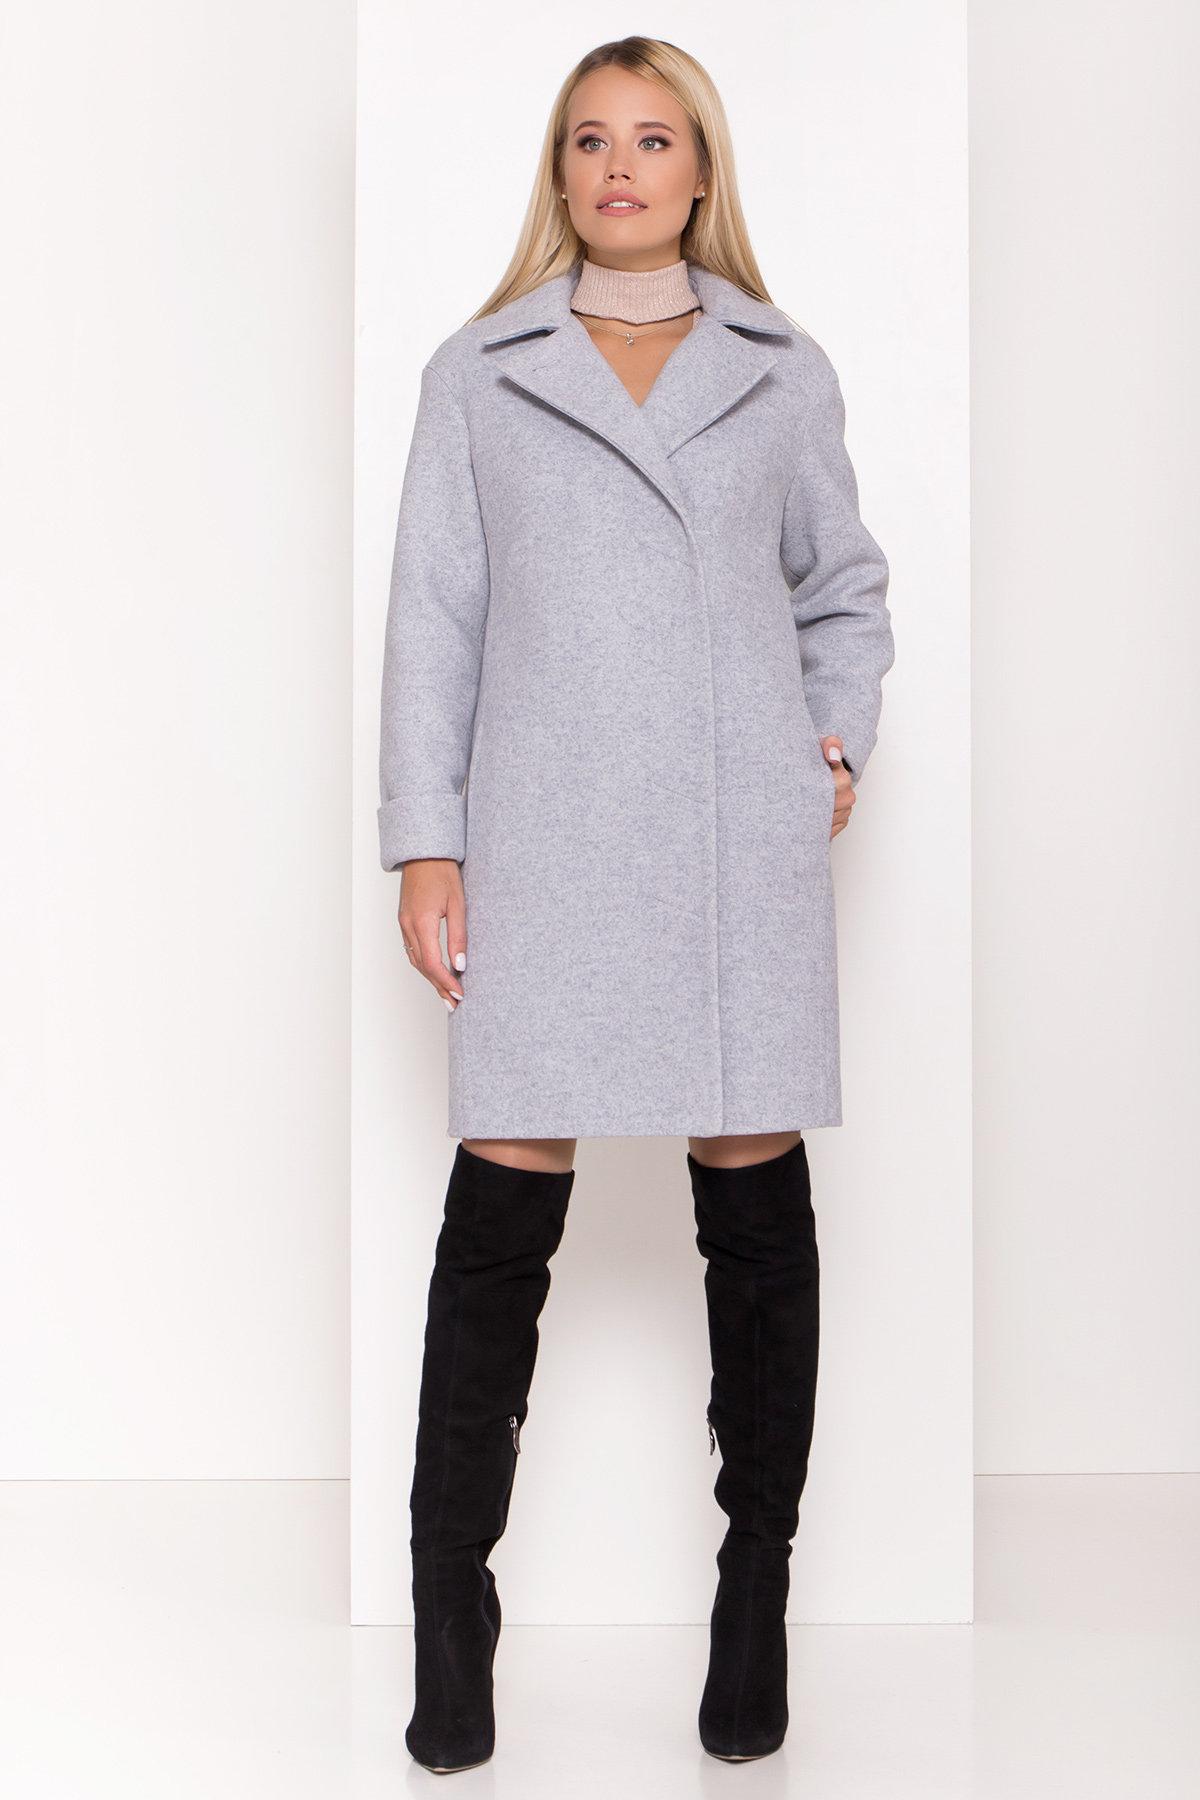 Стильное зимнее пальто пастельных тонов Лизи 8122 АРТ. 44087 Цвет: Серый Светлый 33 - фото 2, интернет магазин tm-modus.ru